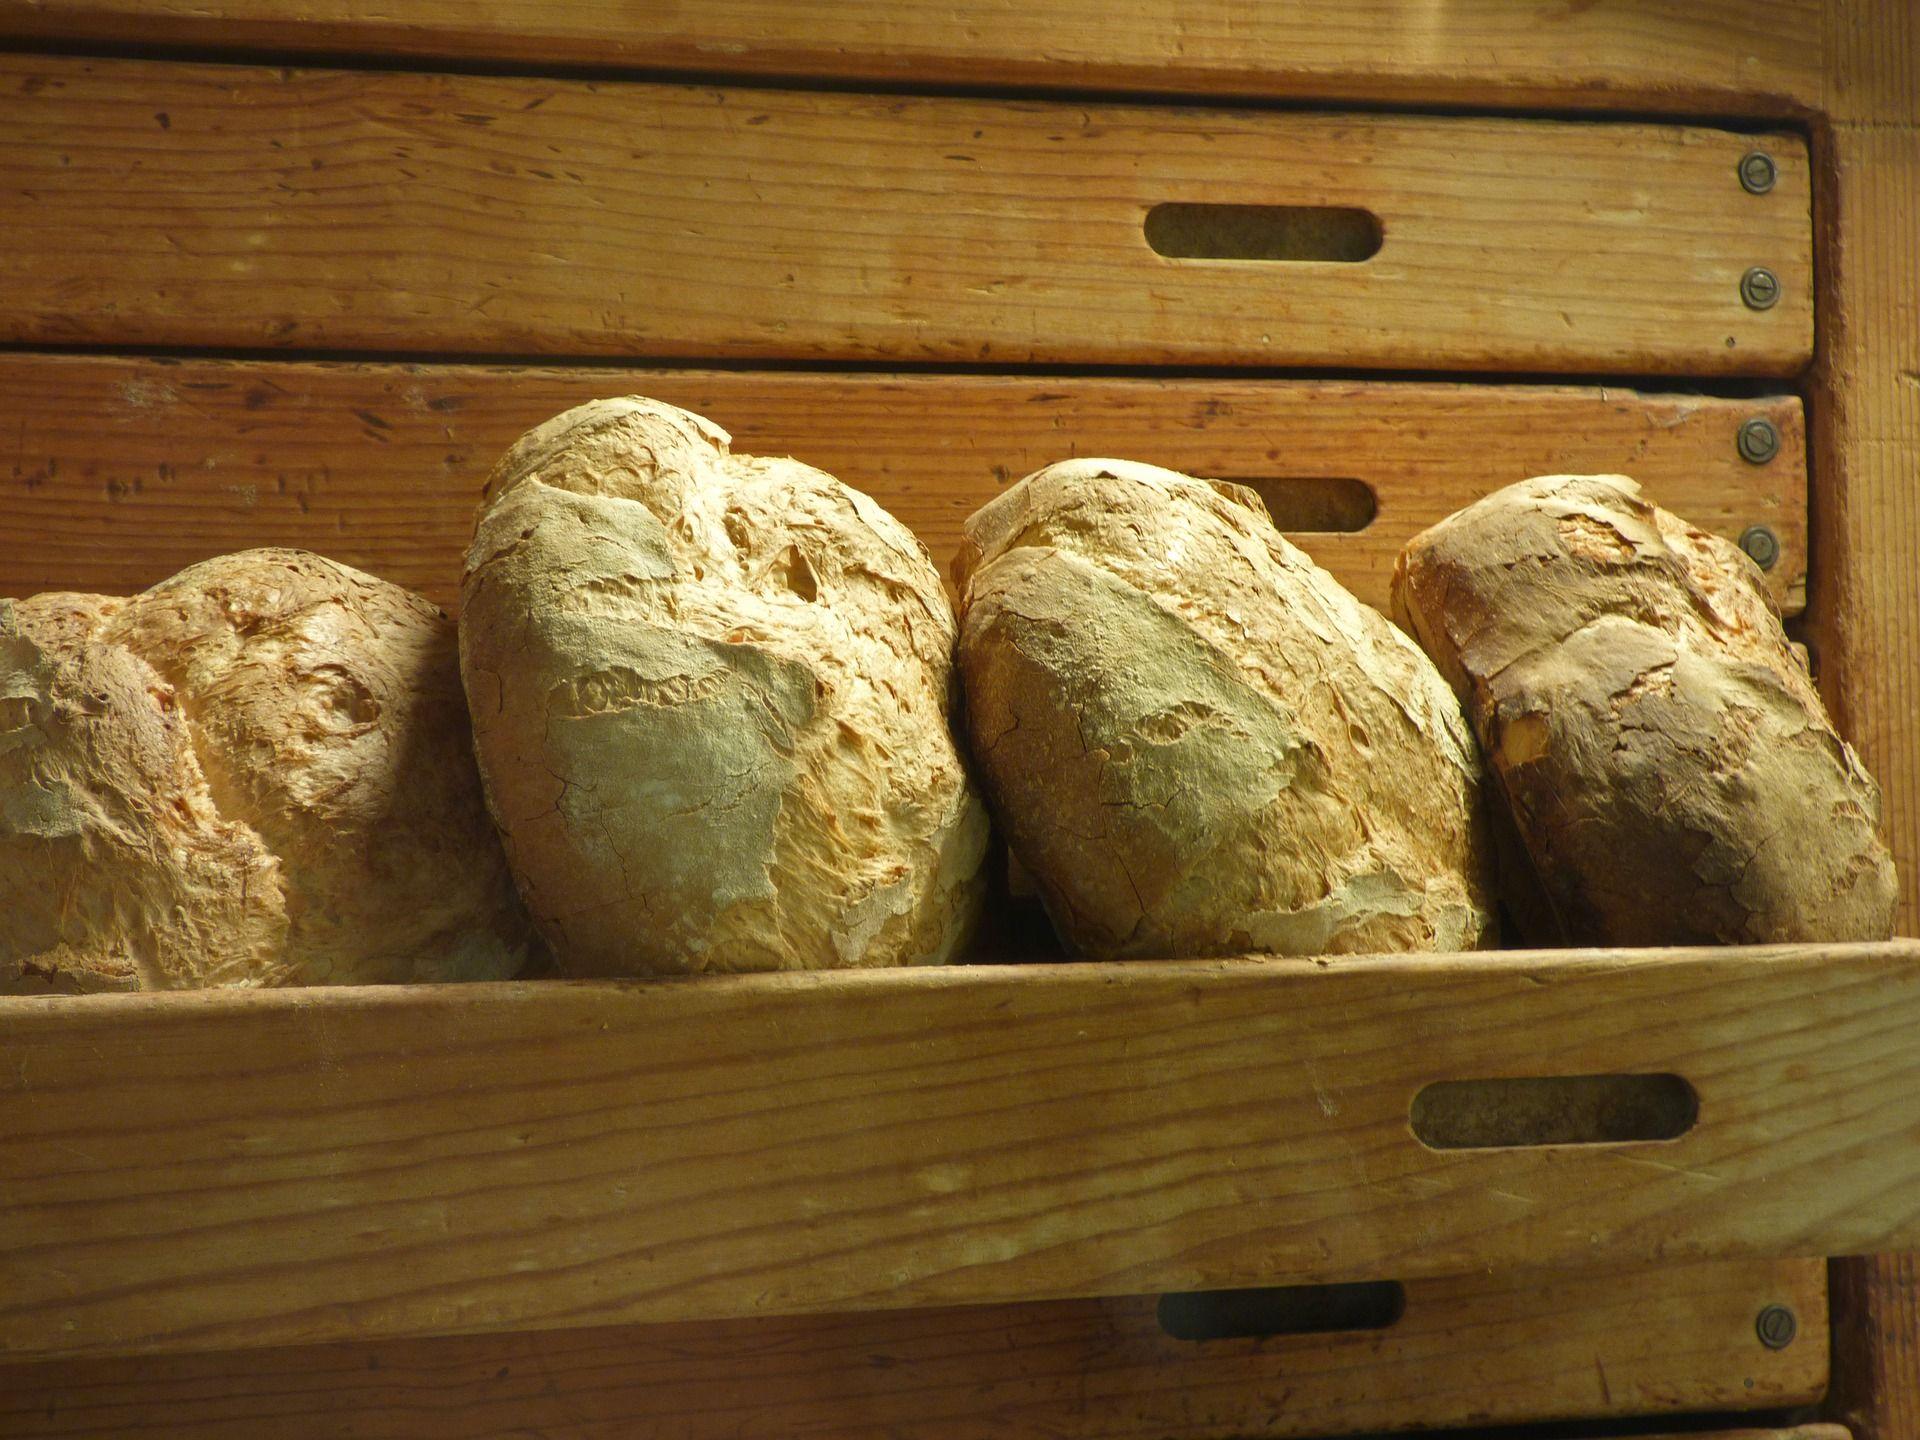 Venta de panes de fabricación propia